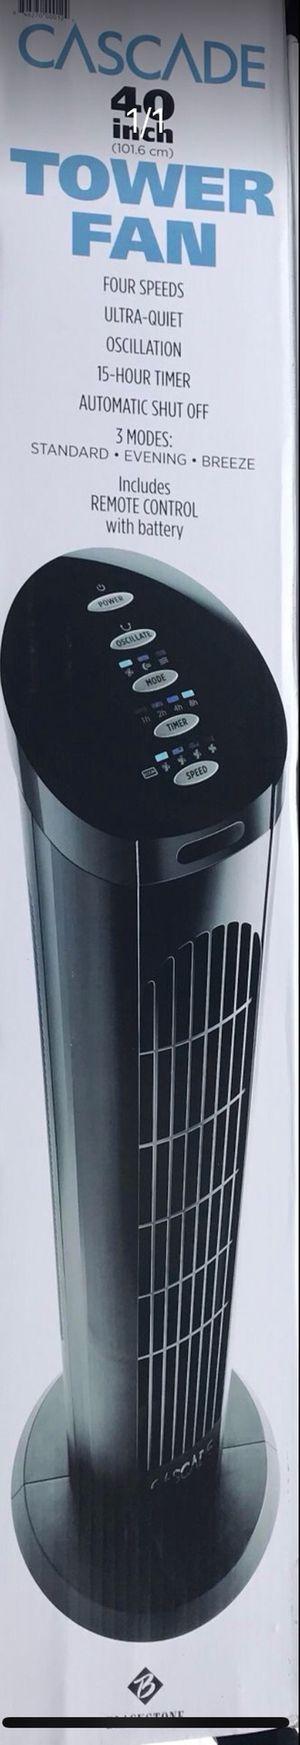 Cascade tower fan 40inch for Sale in San Diego, CA